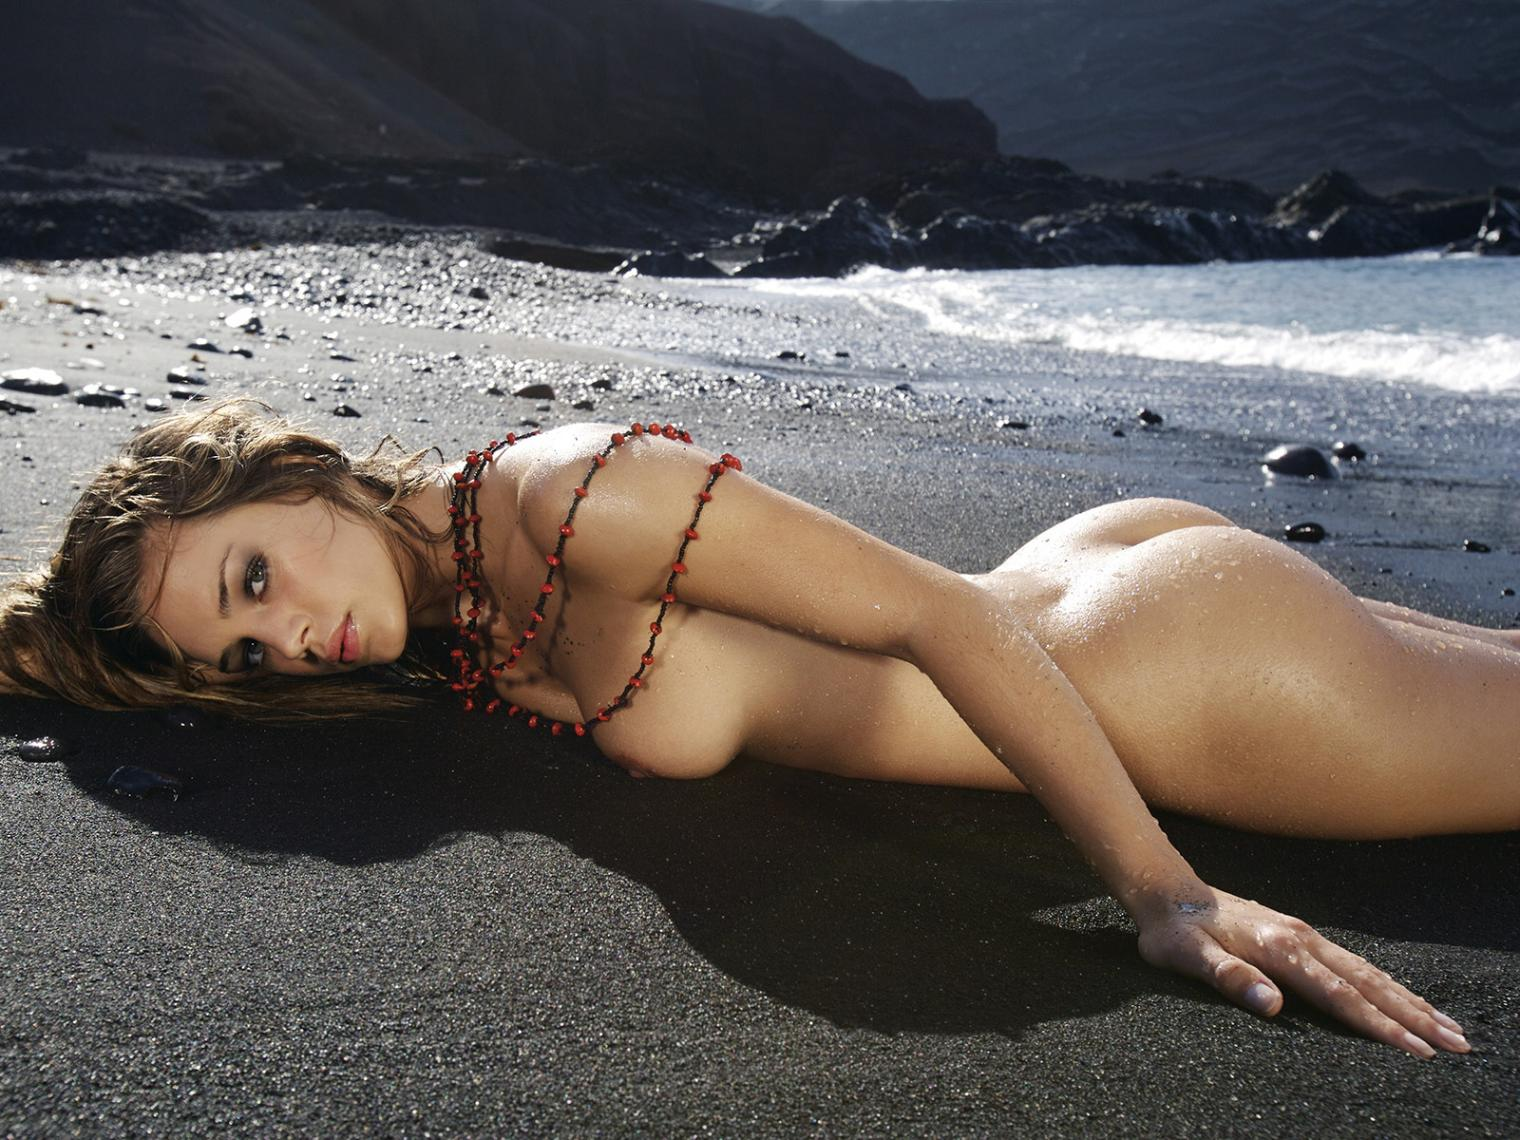 Erotica%252B%252525282%25252529 Big Tits Lorna Morgan Nude Boobs BIG BOOB ...